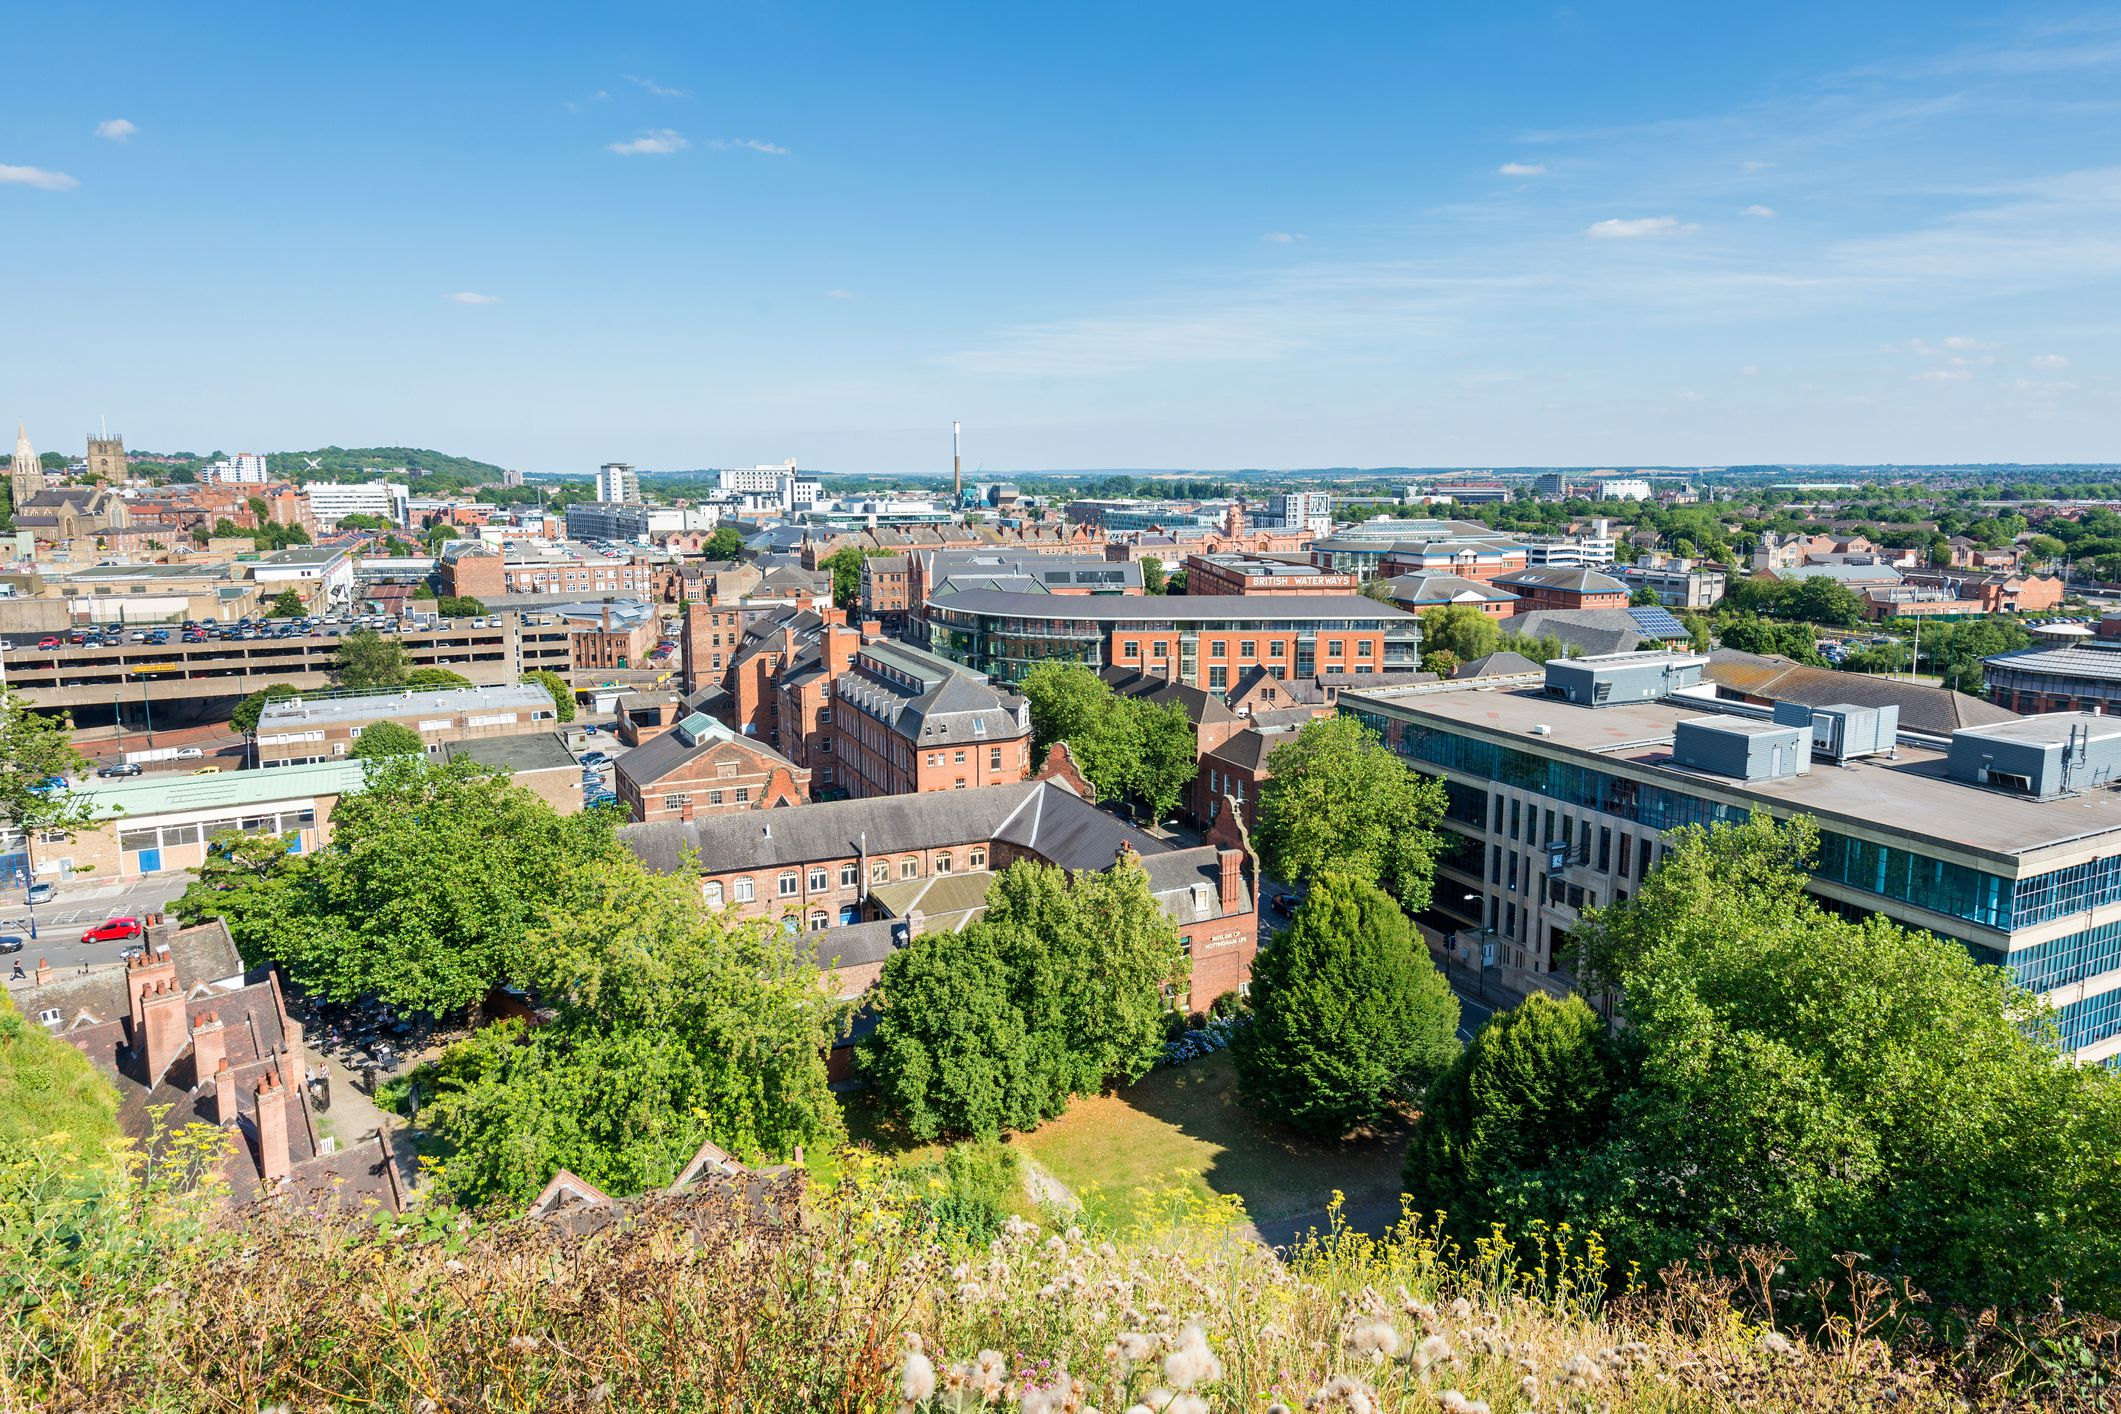 Skyline of Nottingham, Nottinghamshire, Inglaterra